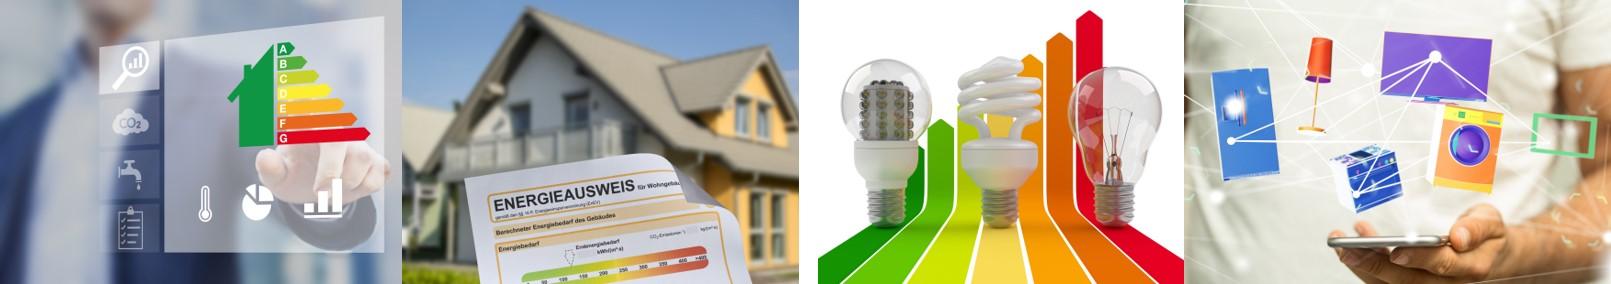 Energieoptimierung, Energiekosten senken, effiziente Energienutzung, Energieeffizienz